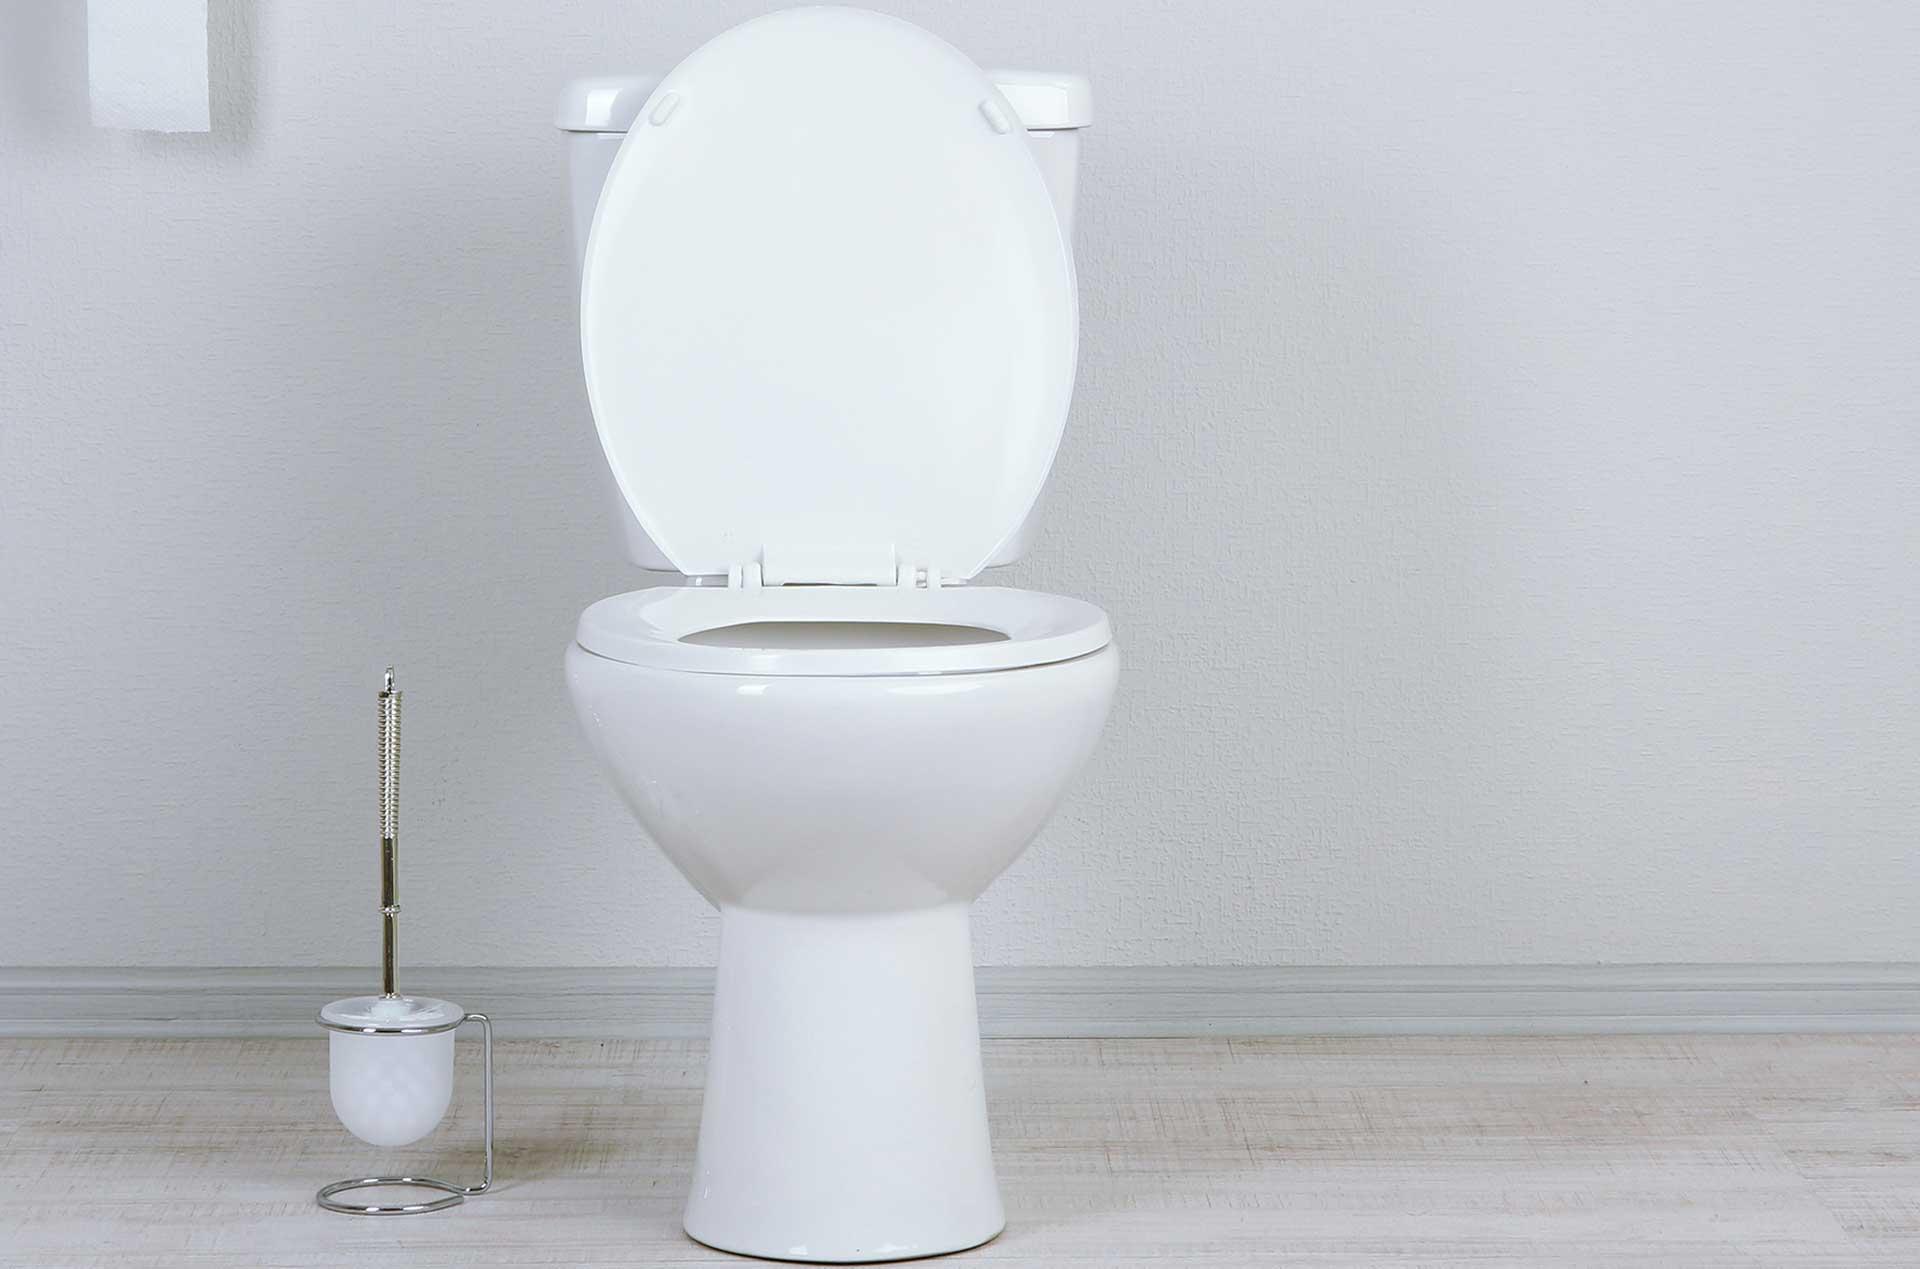 Desentupimento de vasos sanitários e pias